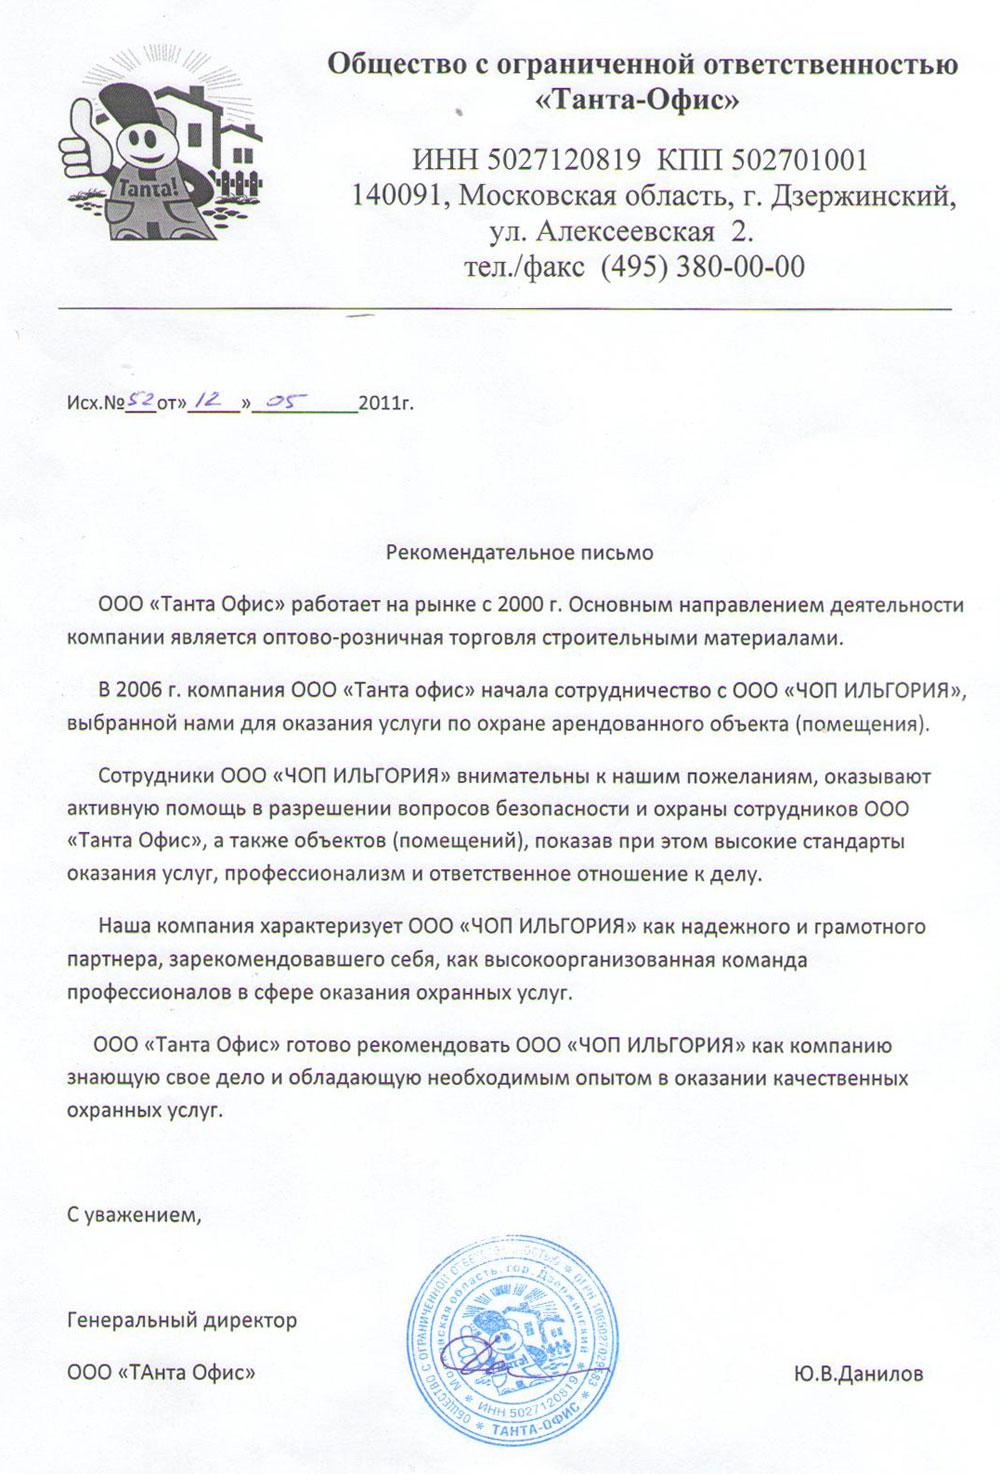 рекомендательное письмо письмо образец